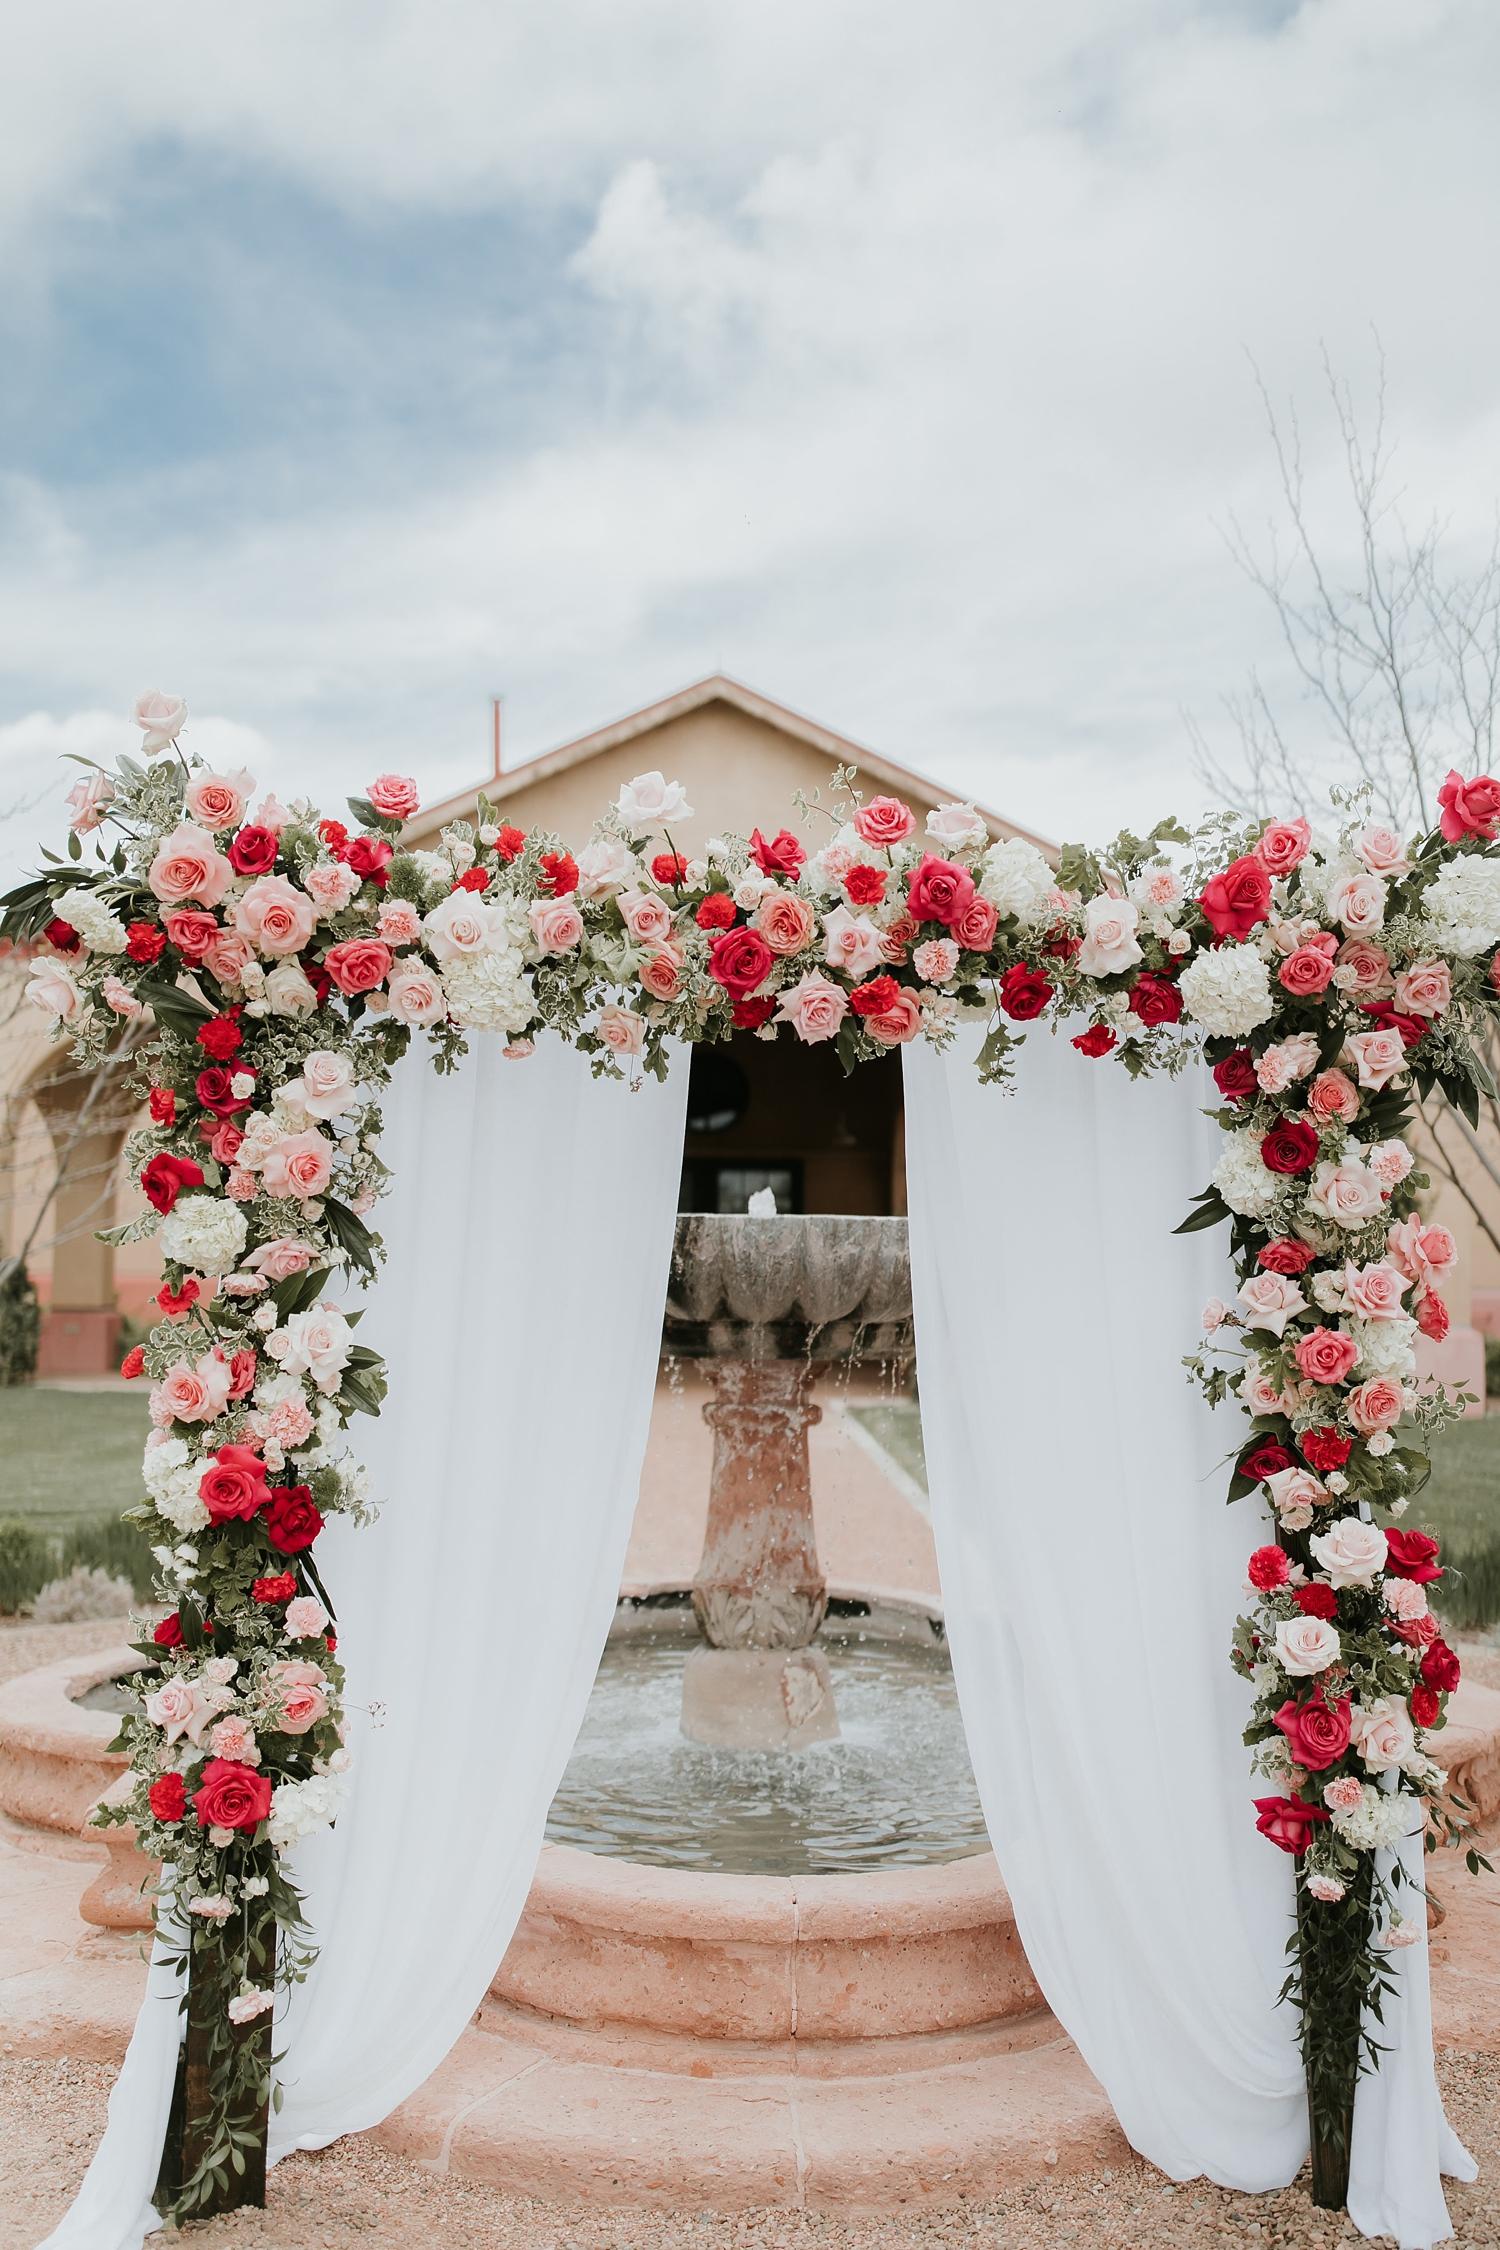 Alicia+lucia+photography+-+albuquerque+wedding+photographer+-+santa+fe+wedding+photography+-+new+mexico+wedding+photographer+-+new+mexico+engagement+-+la+mesita+ranch+wedding+-+la+mesita+ranch+spring+wedding_0018.jpg